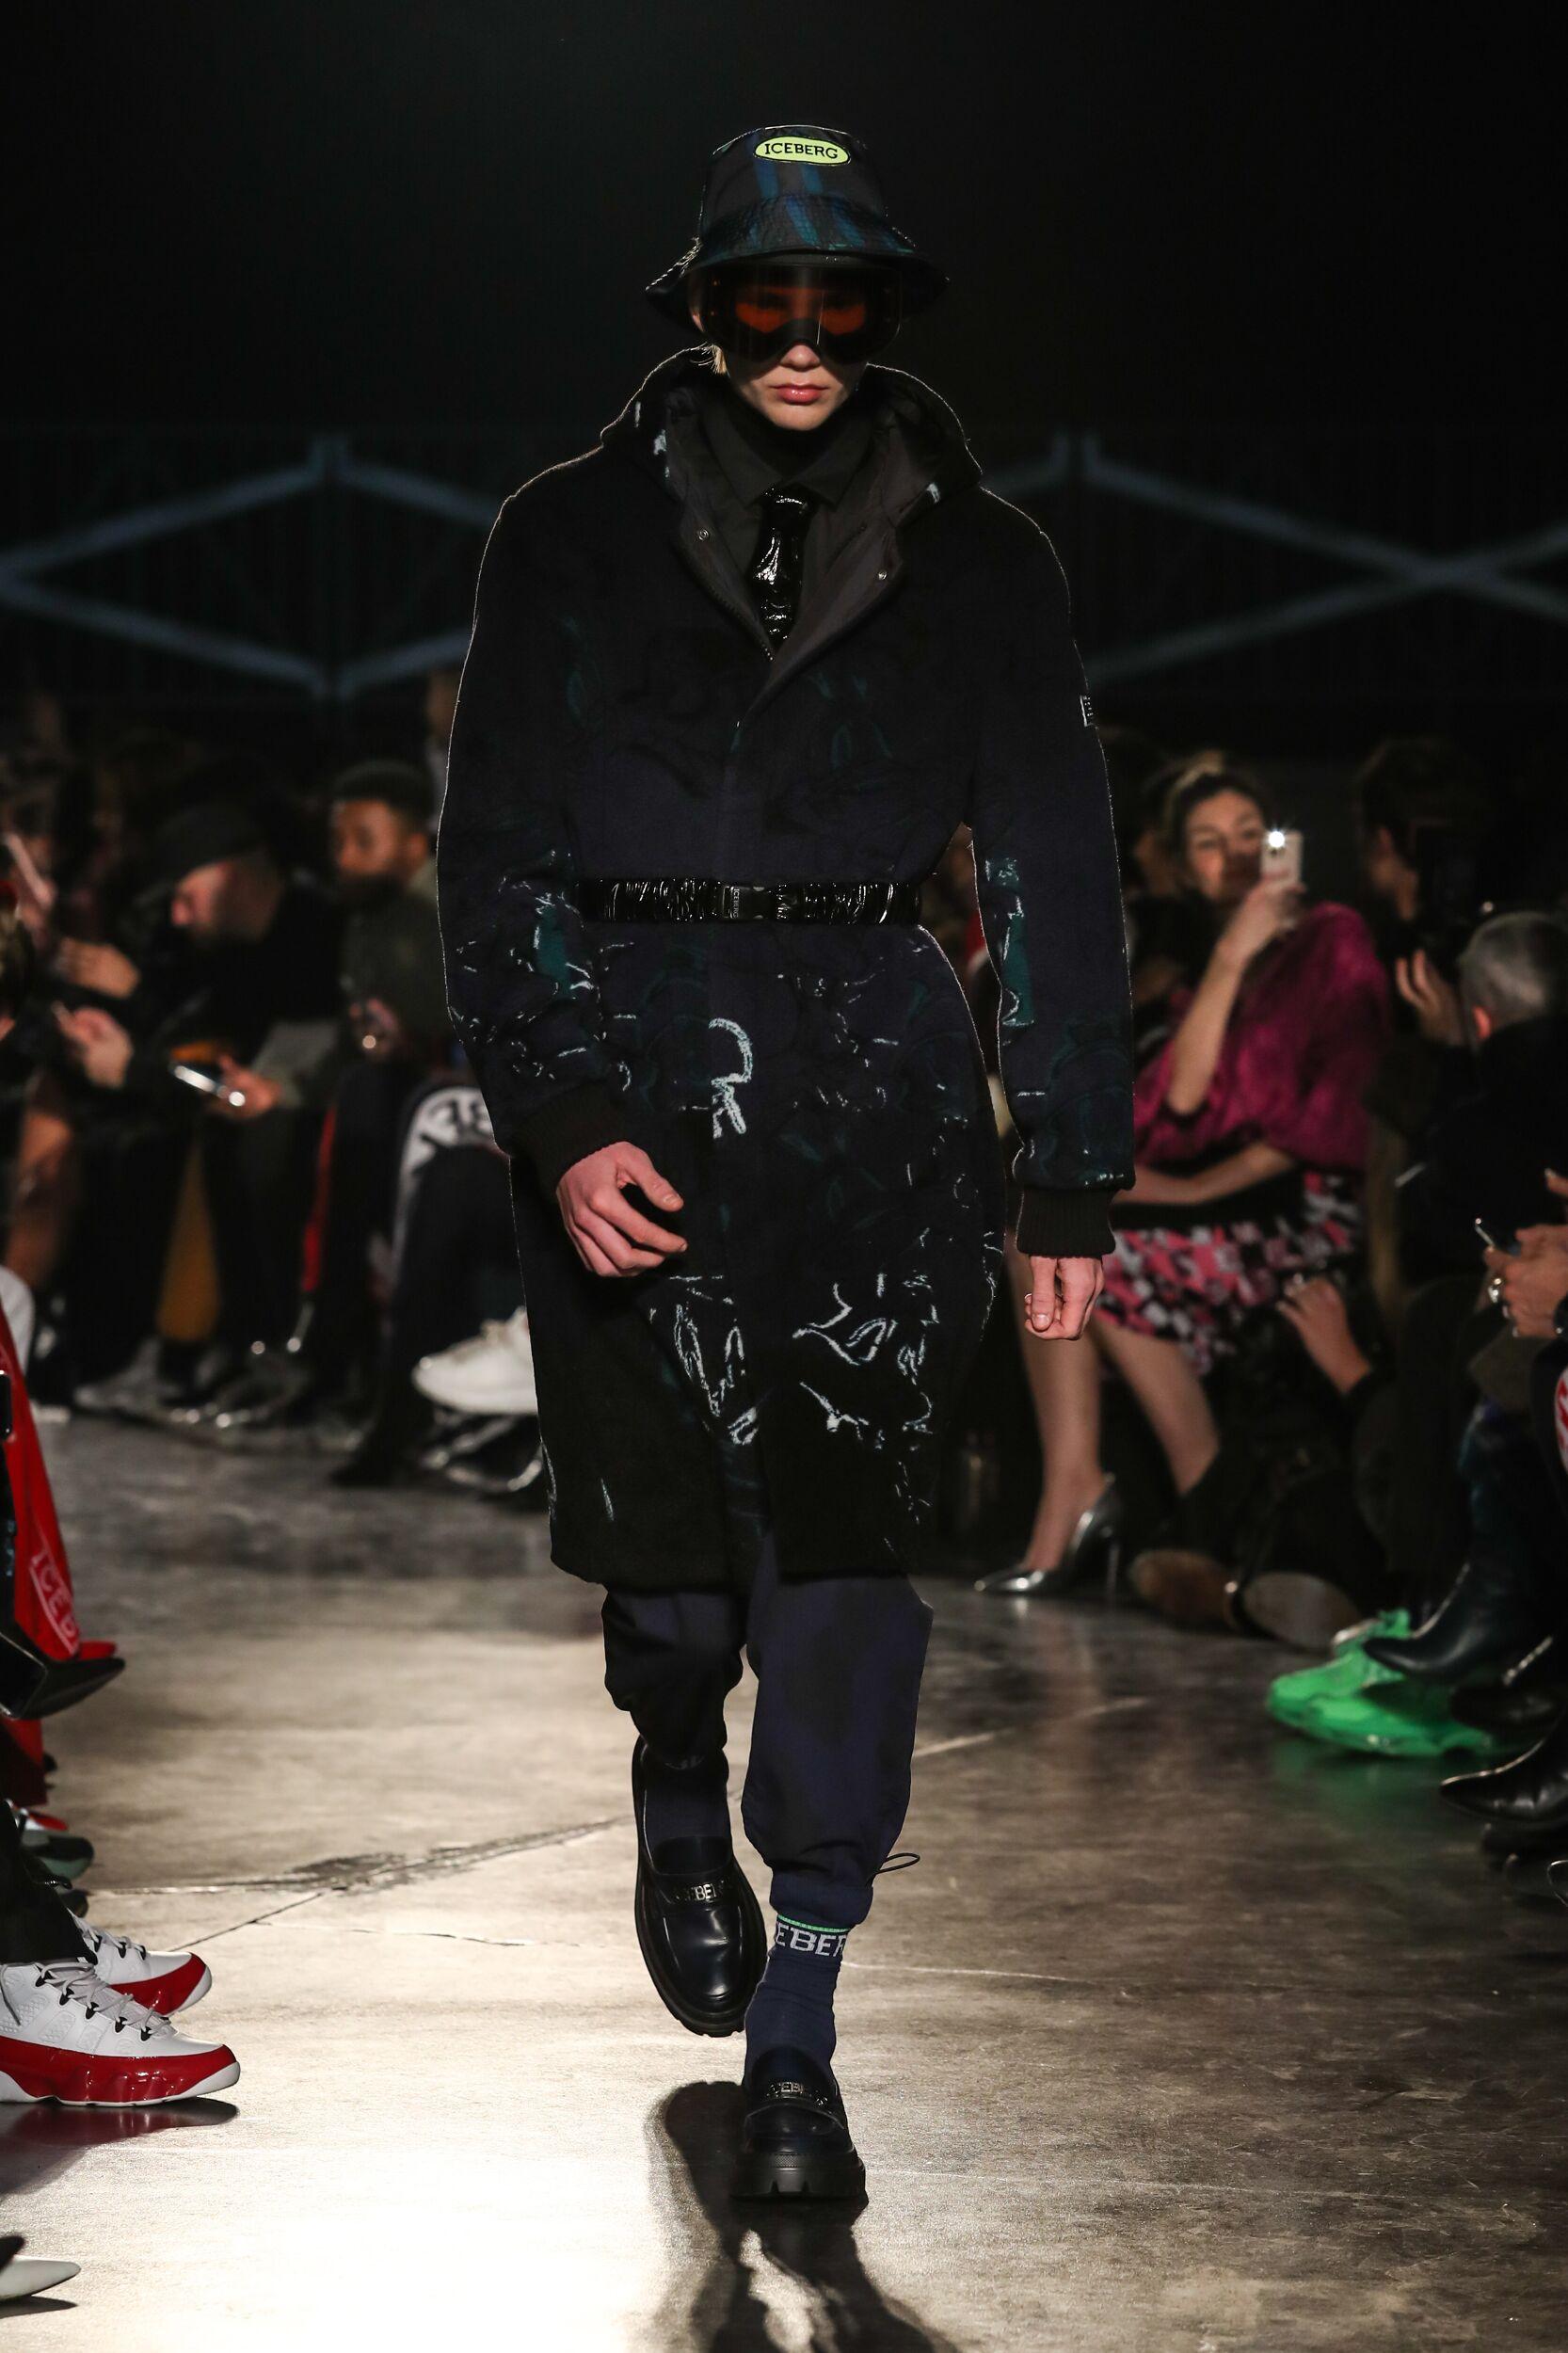 Iceberg Milan Fashion Week